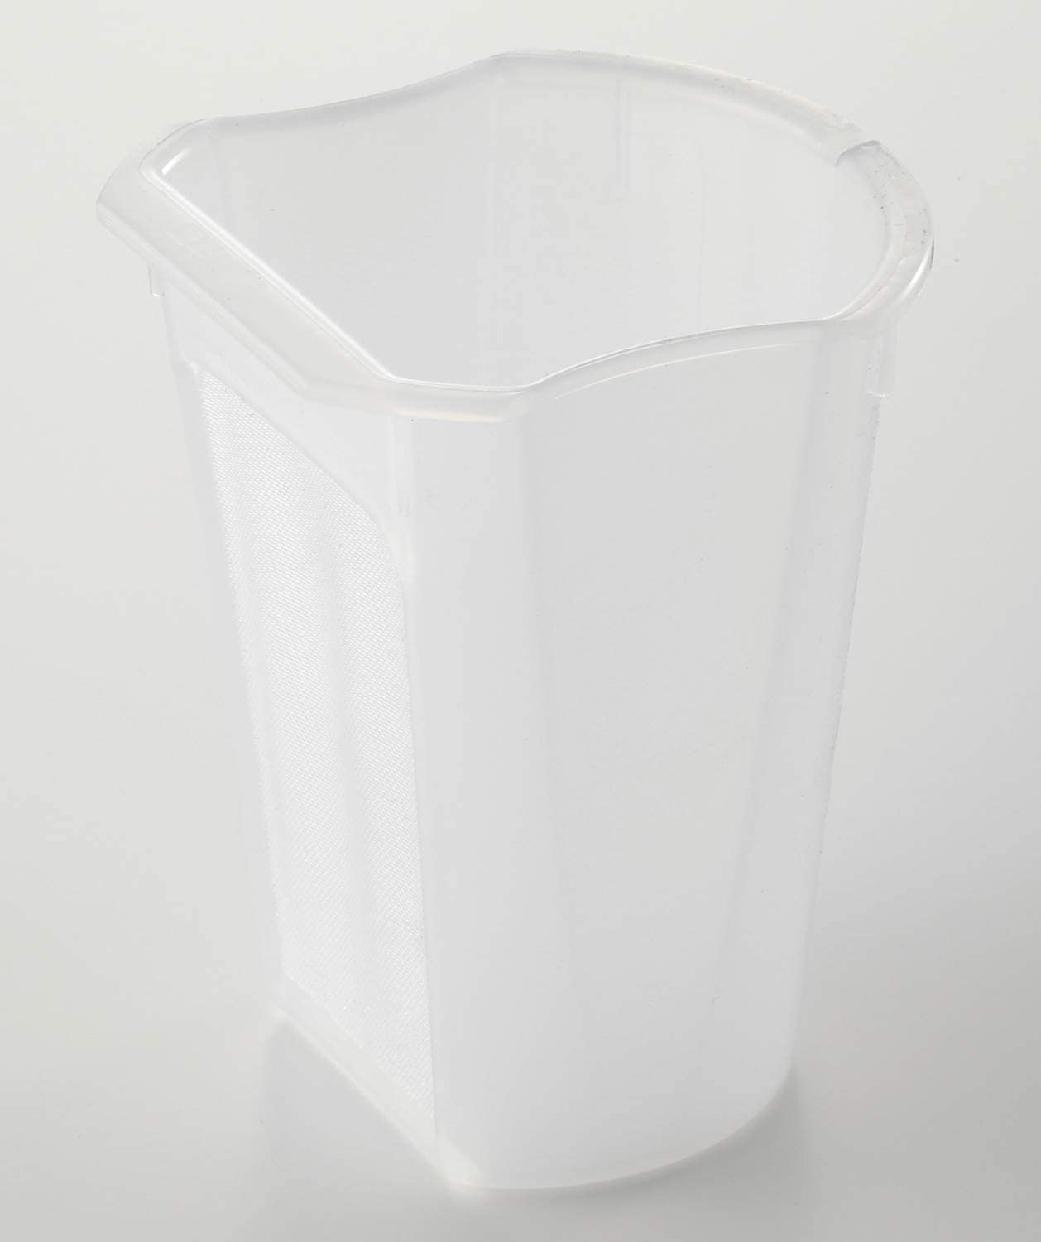 iwaki(イワキ) お茶ポット 480ml ブラック K853T-BKの商品画像2